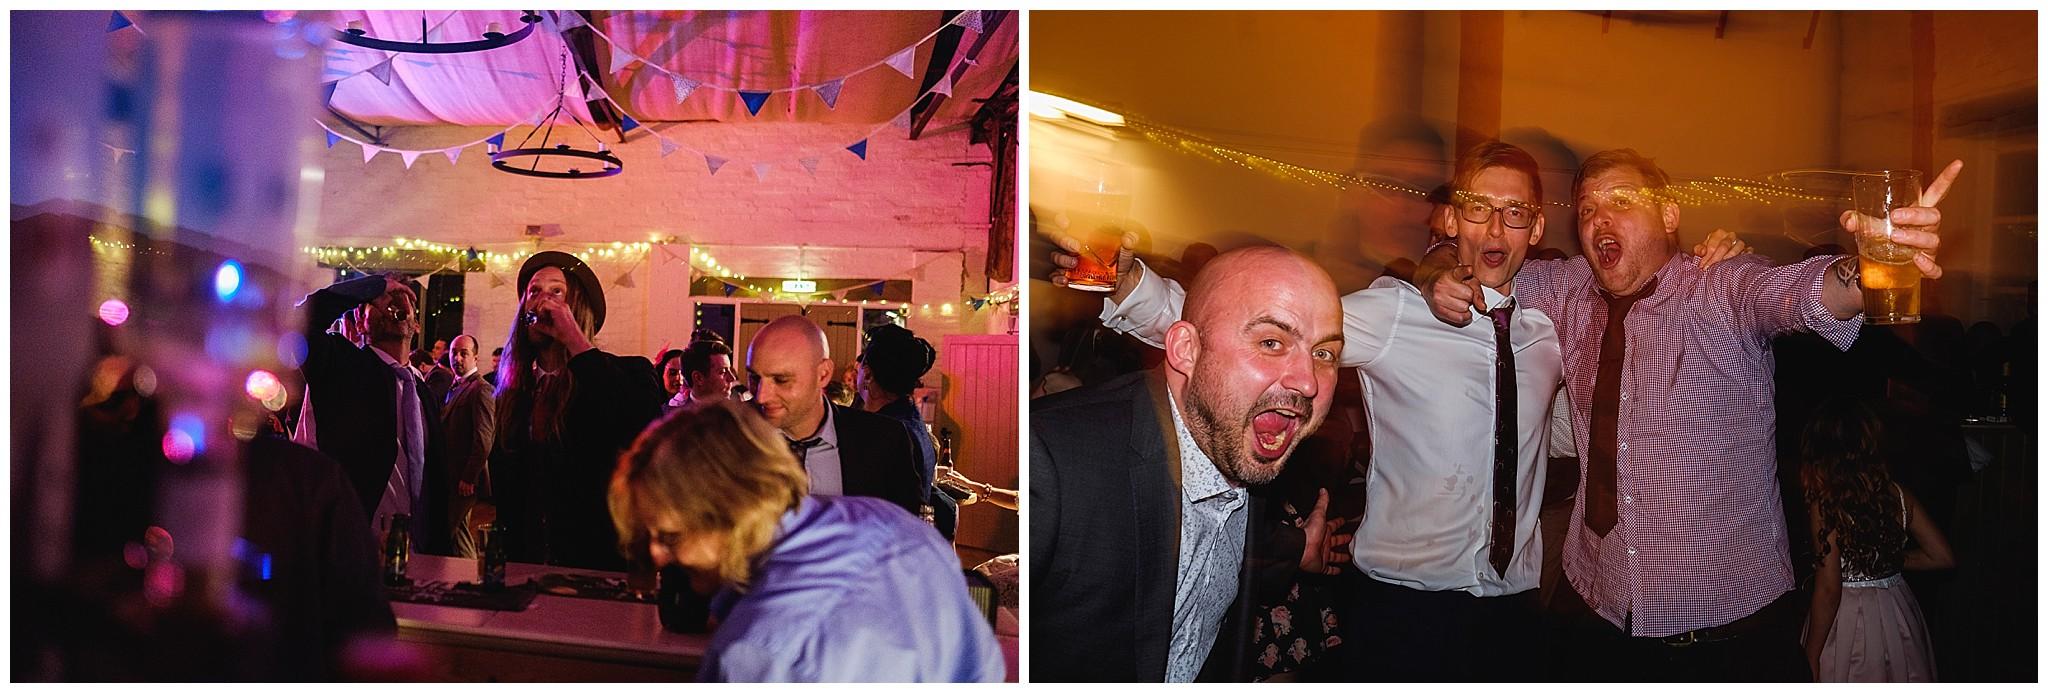 Wedding guests drunken dancing